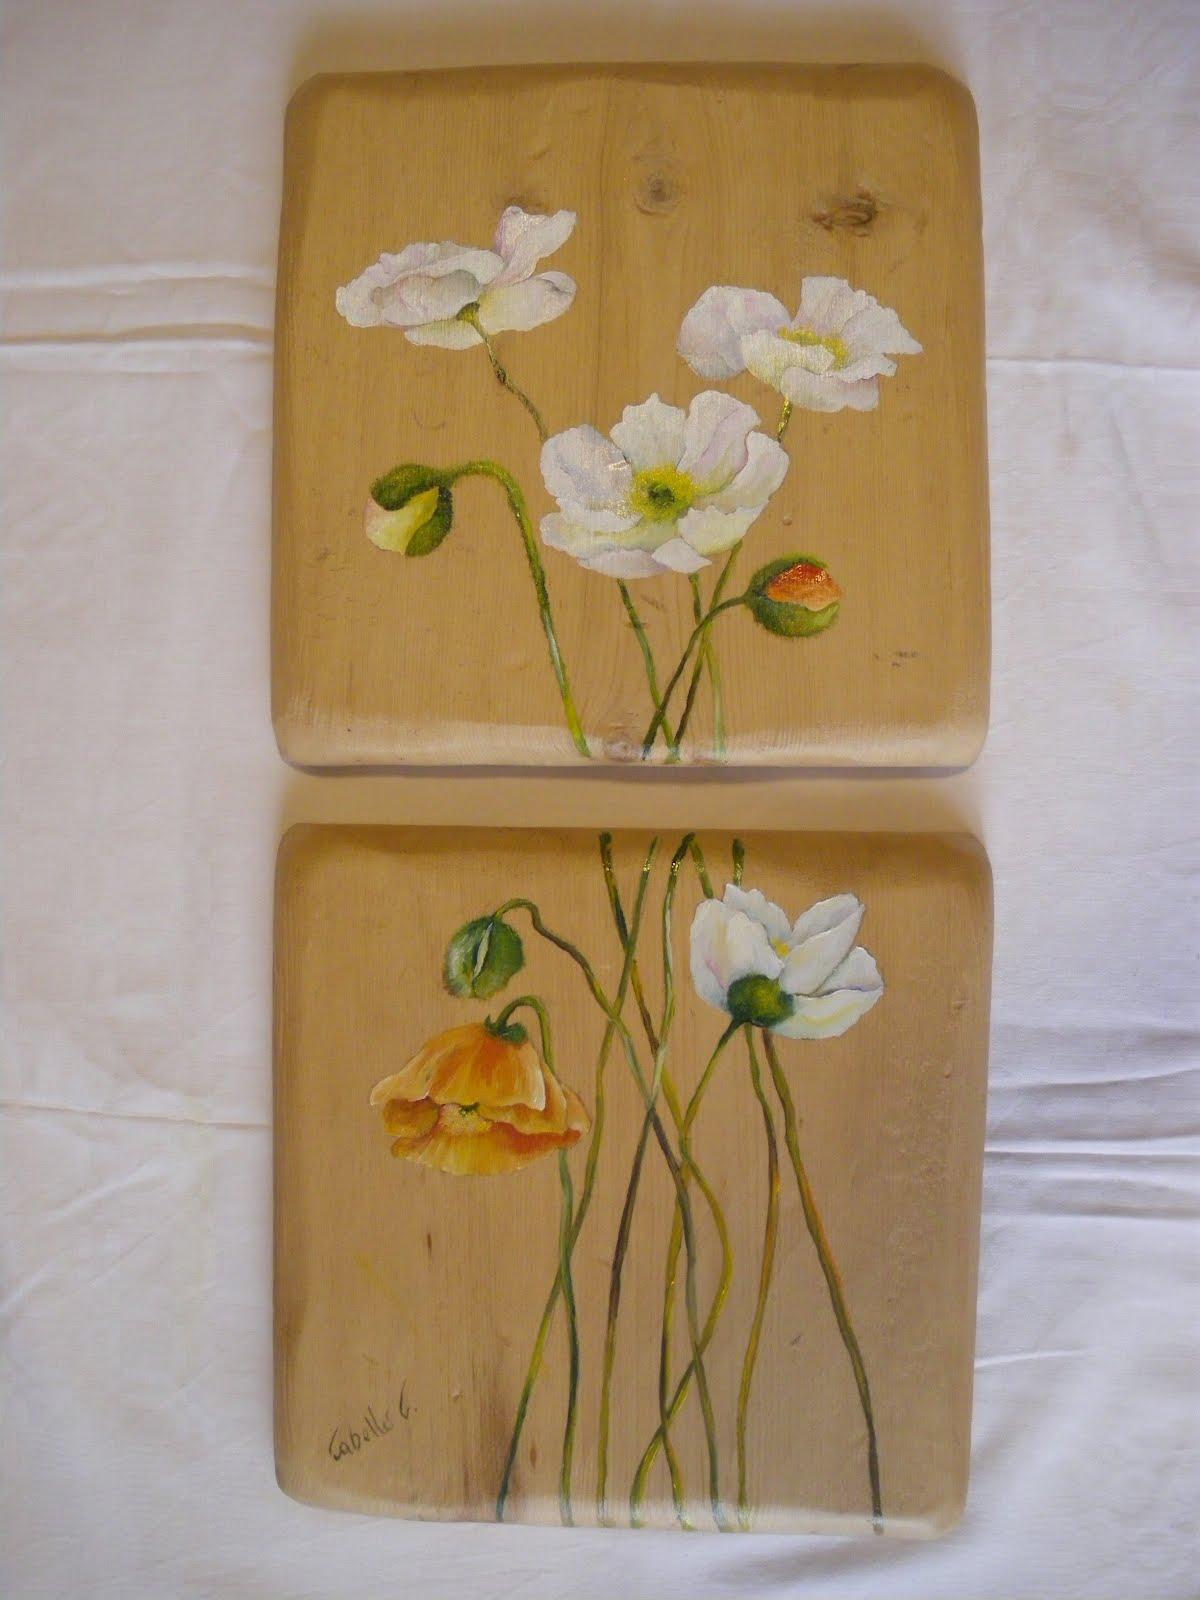 Dipinti su legno e su pietra tavole in legno di gembro - Mobili in legno grezzo da dipingere ...